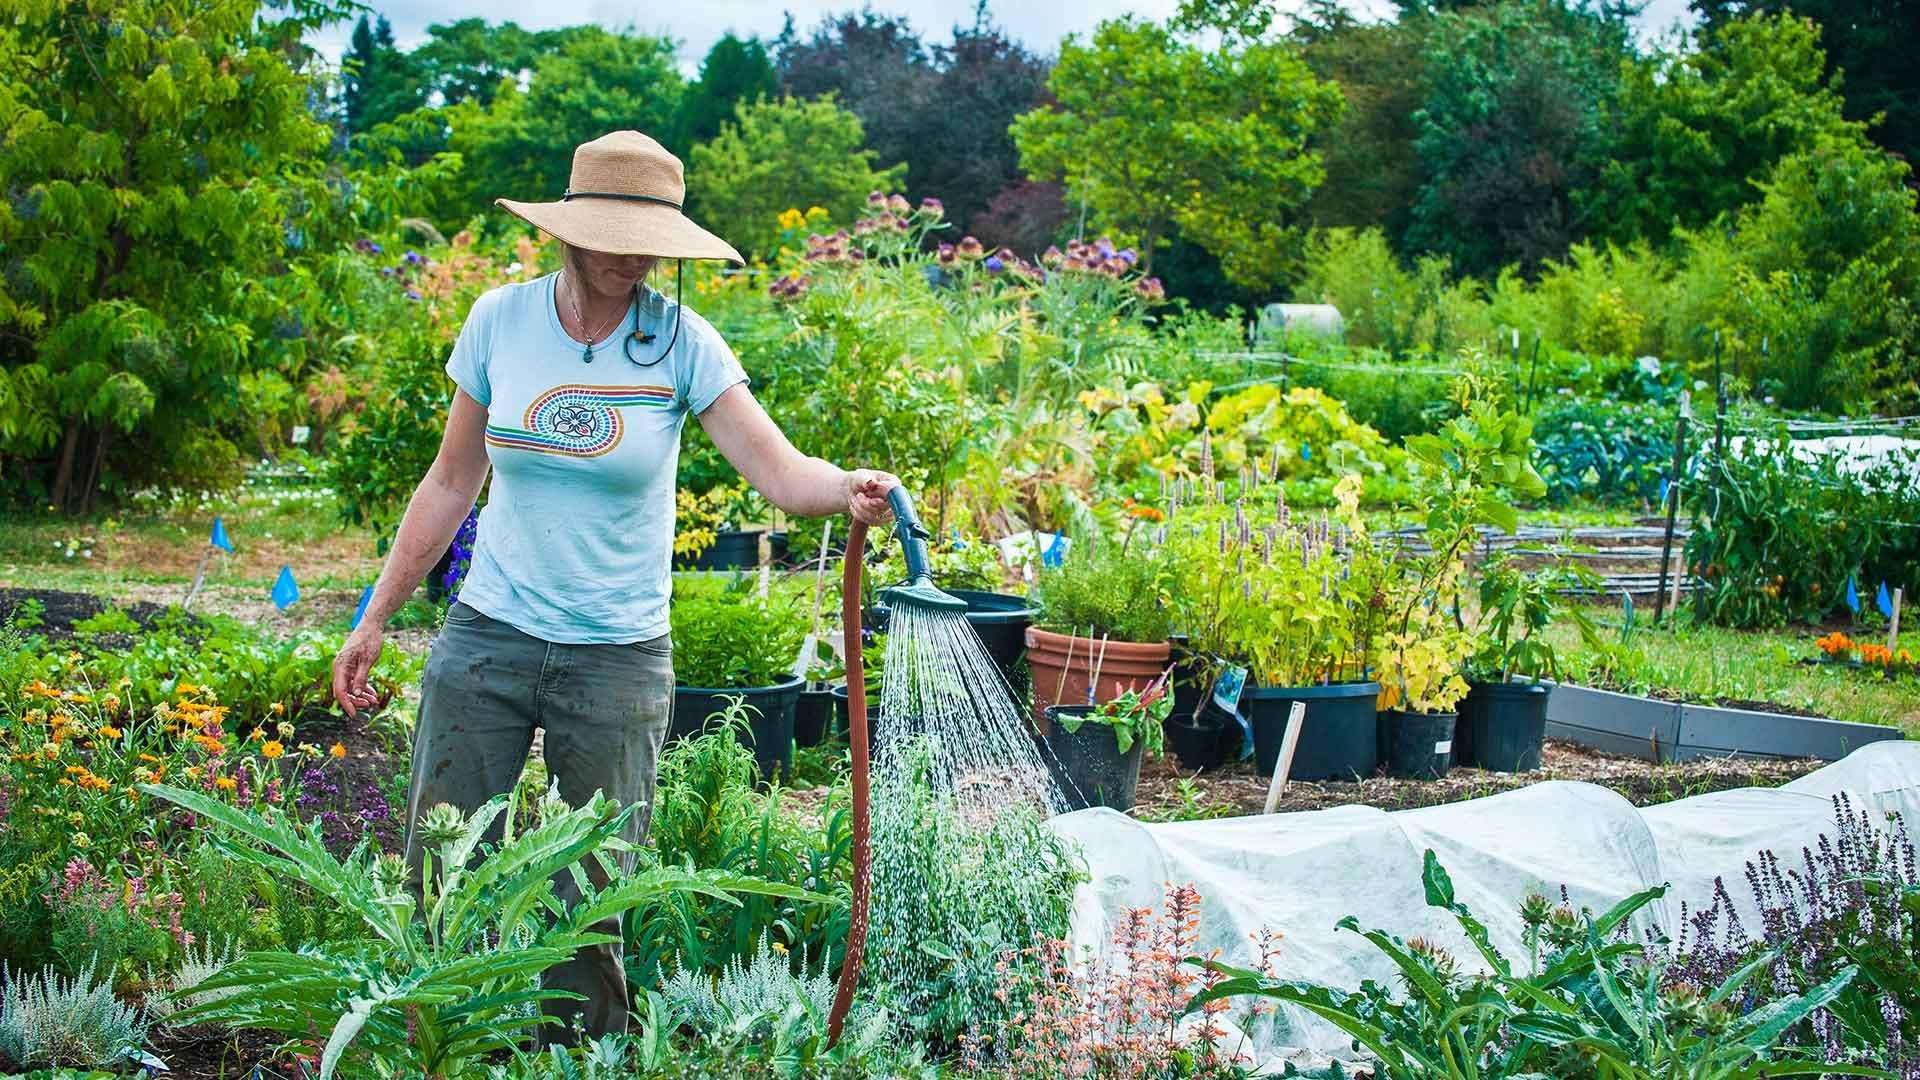 A woman in a hat watering plants in a garden